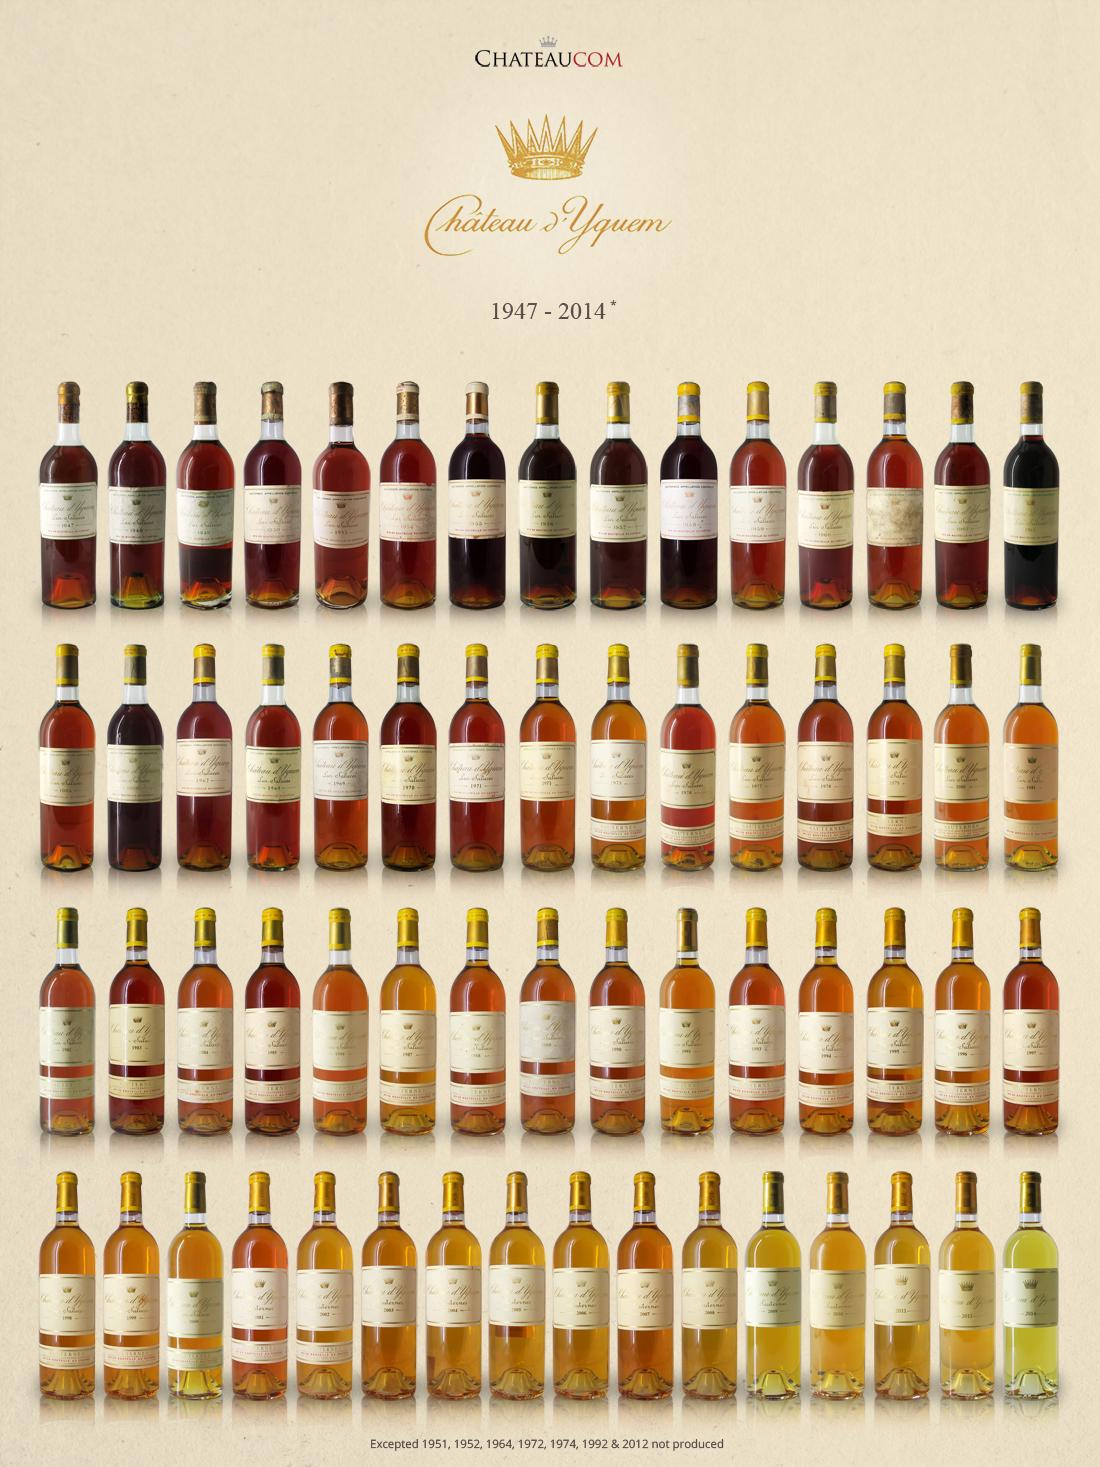 Collection Château d'Yquem 1947-2014